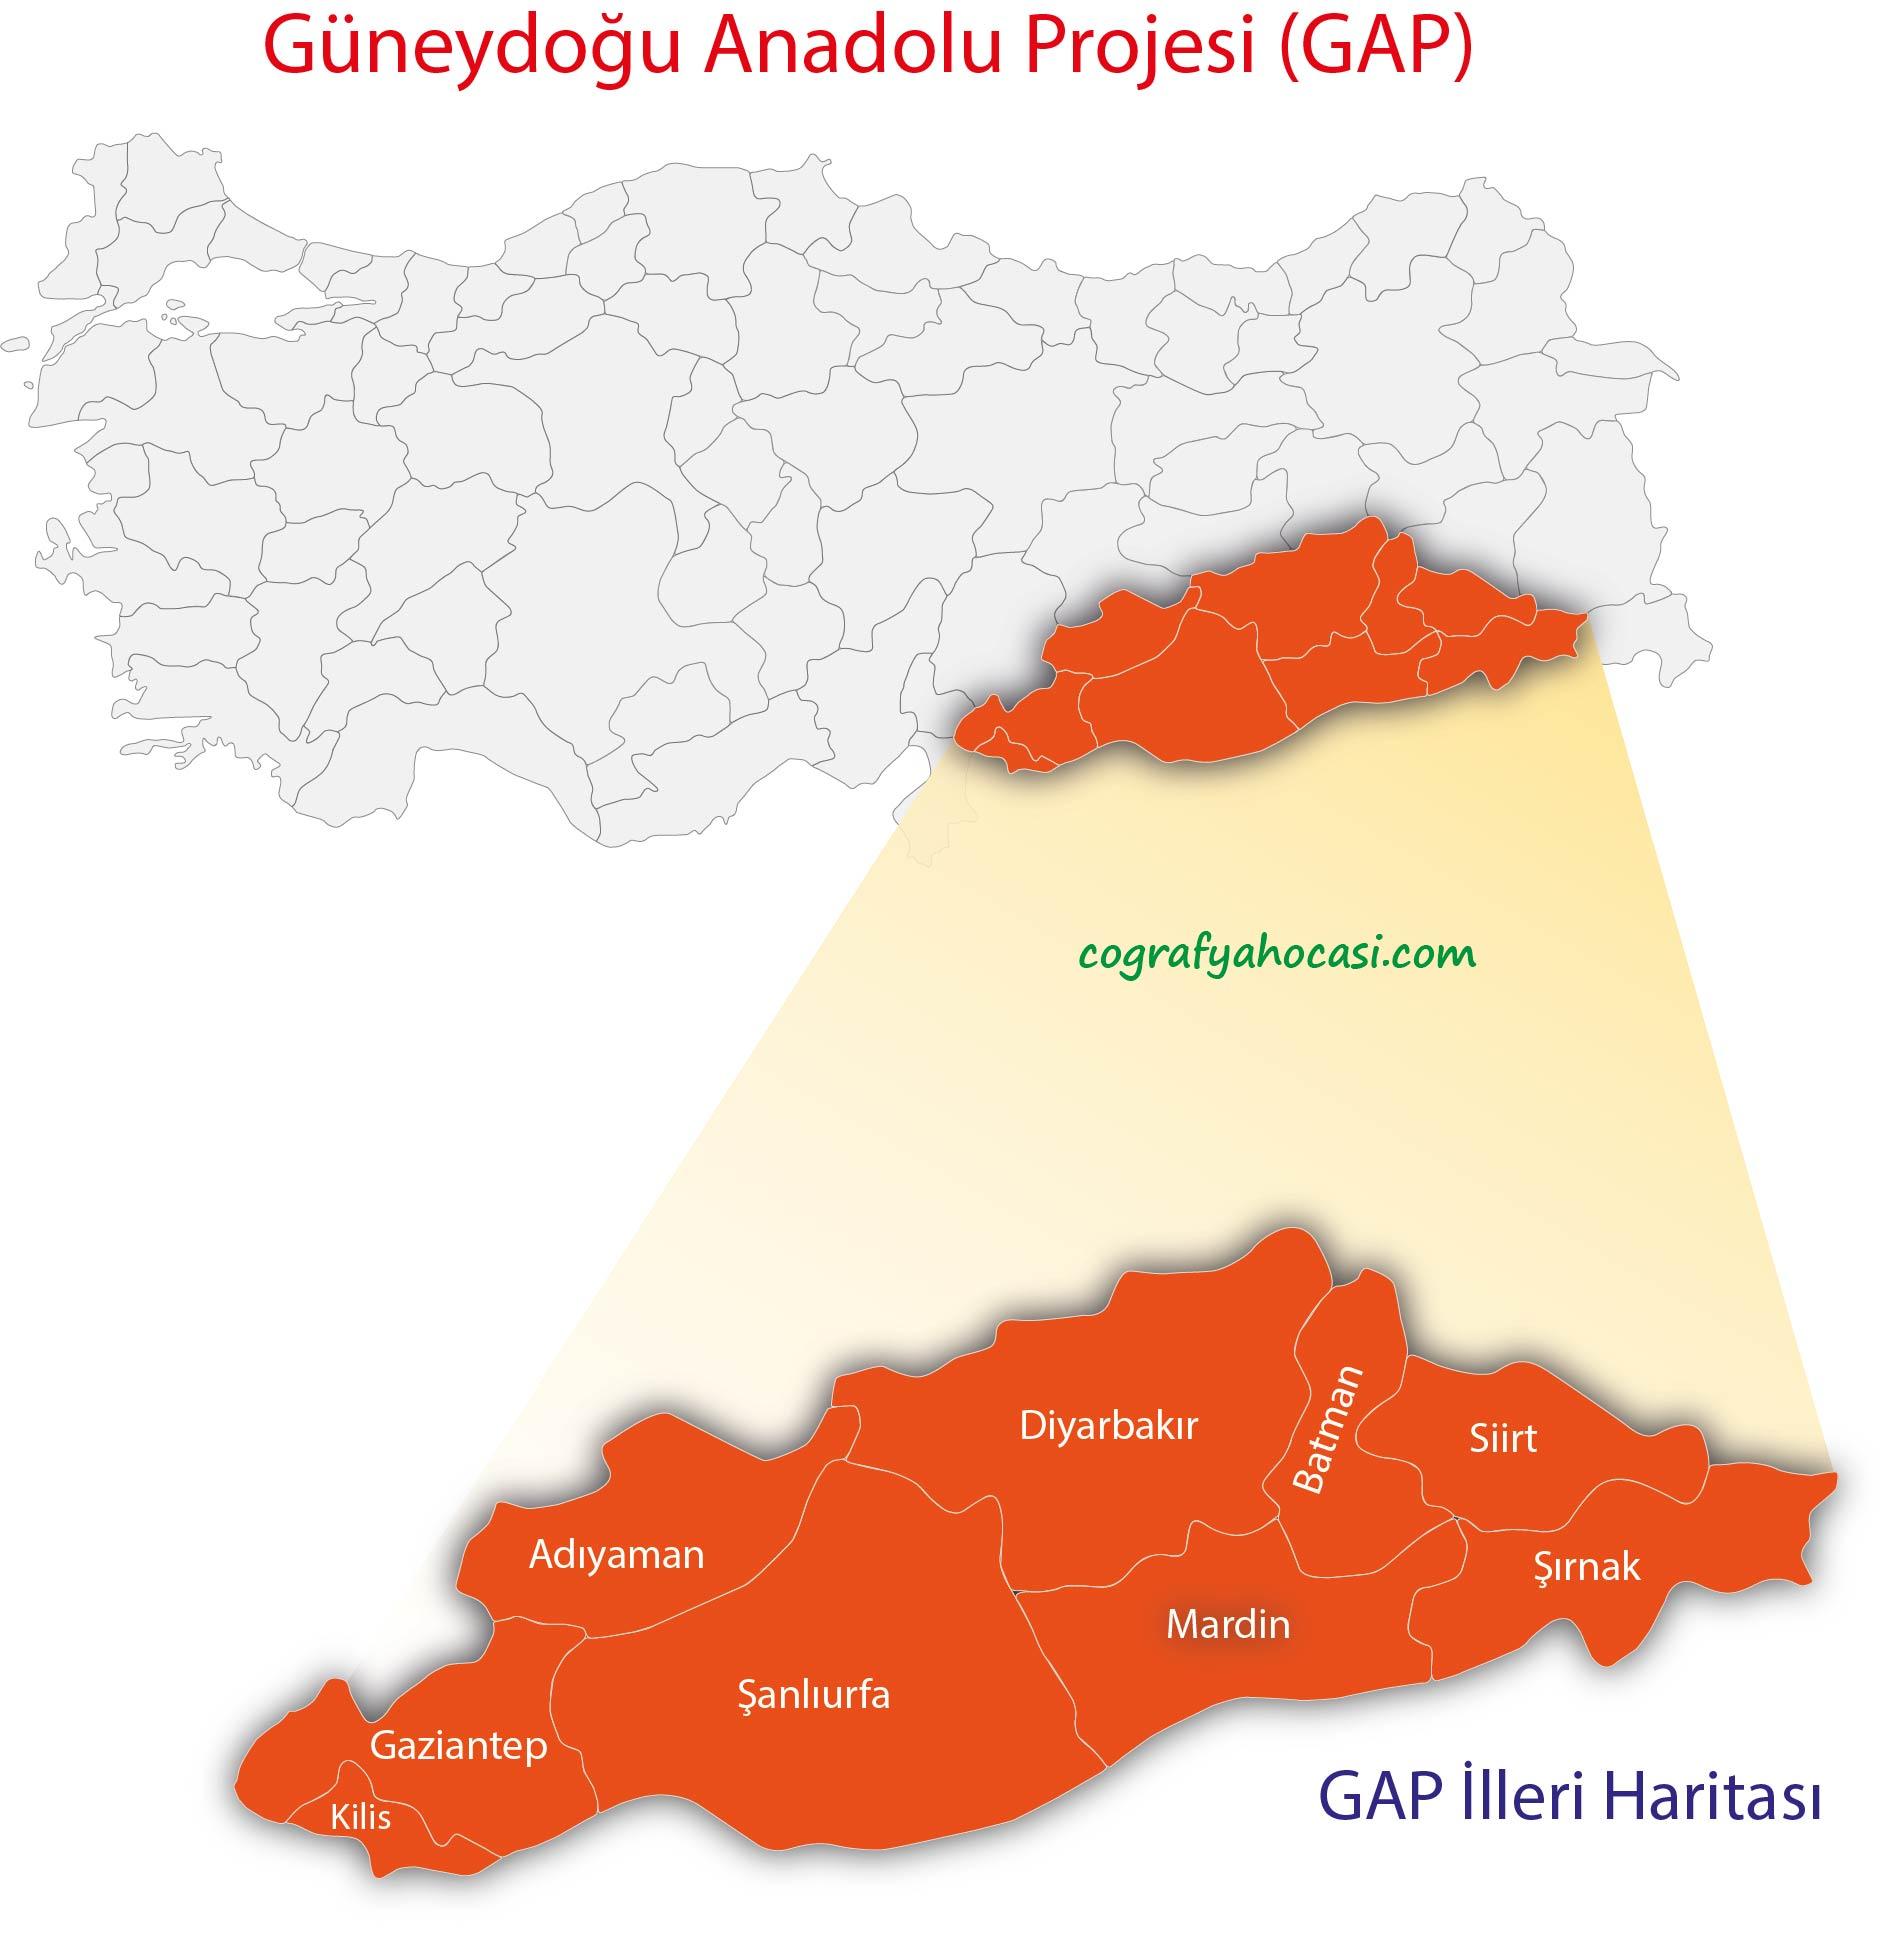 Güneydoğu Anadolu Projesi Harita